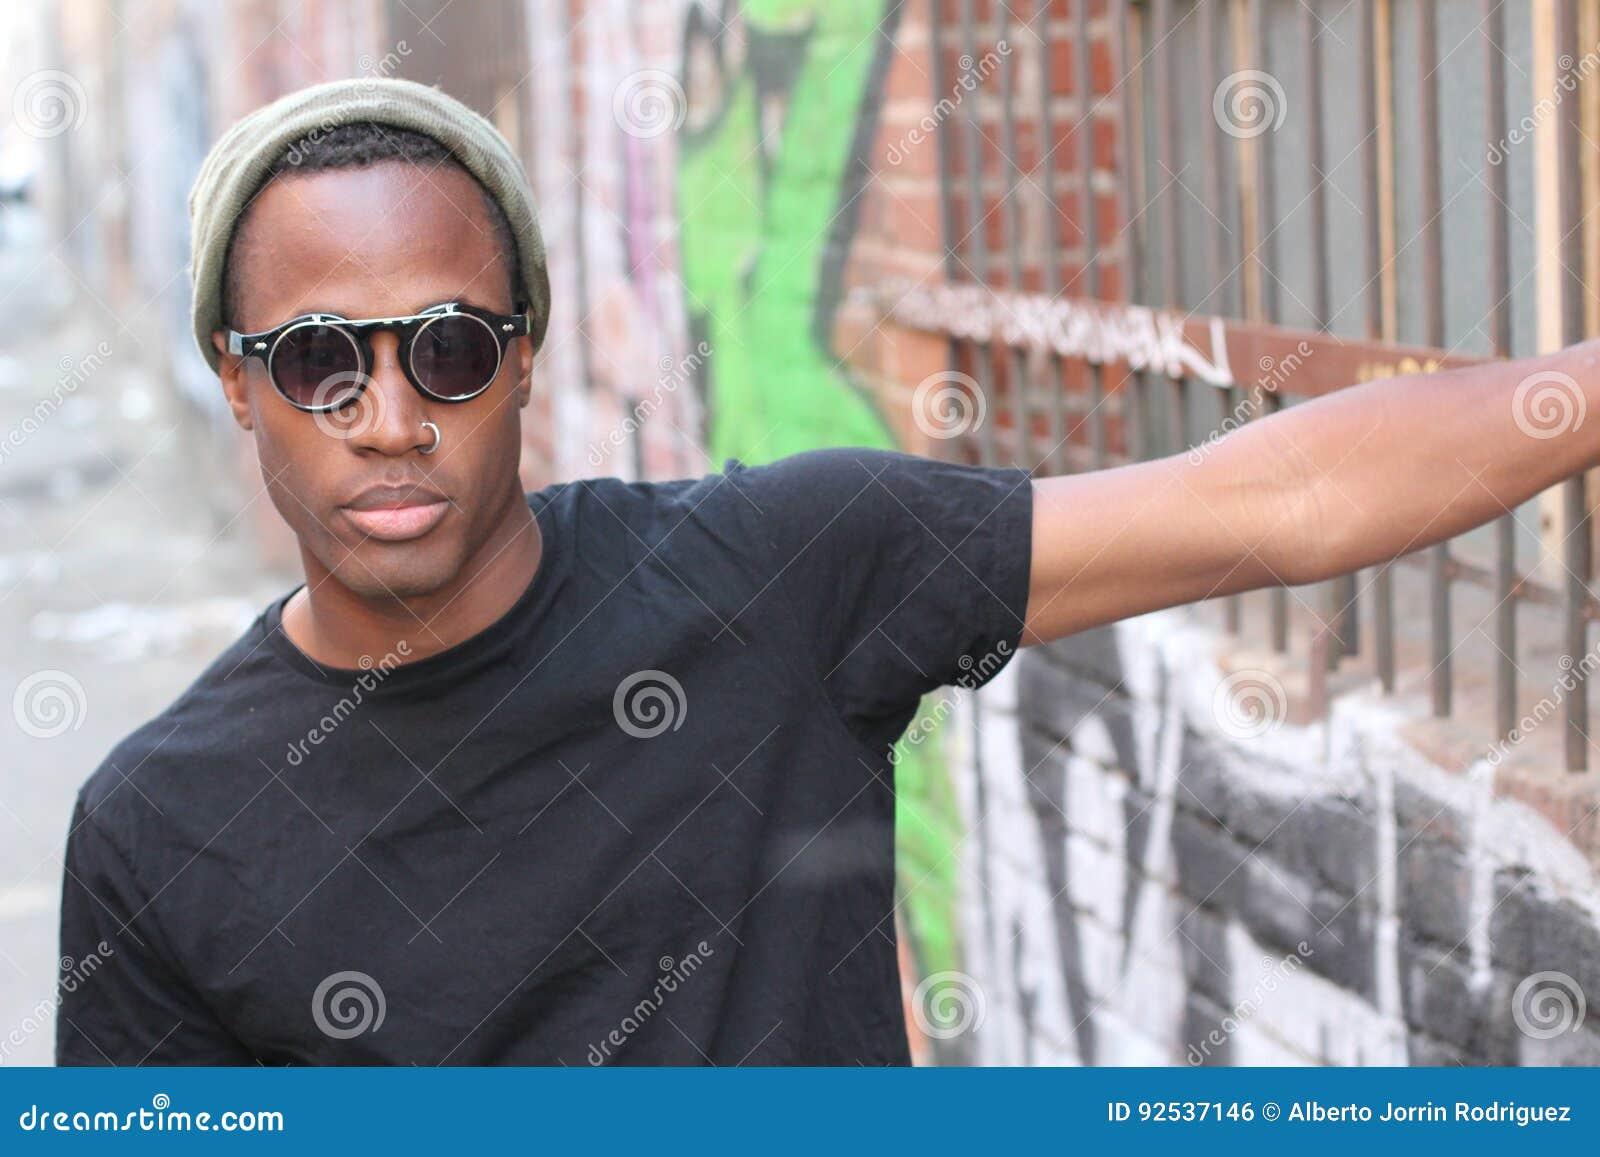 Αφρικανική φθορά ατόμων μόδας γυαλιά ηλίου, beanie, διαπεραστικό και μαύρο γράμμα Τ πέρα από το αστικό υπόβαθρο στην αλέα πόλεων